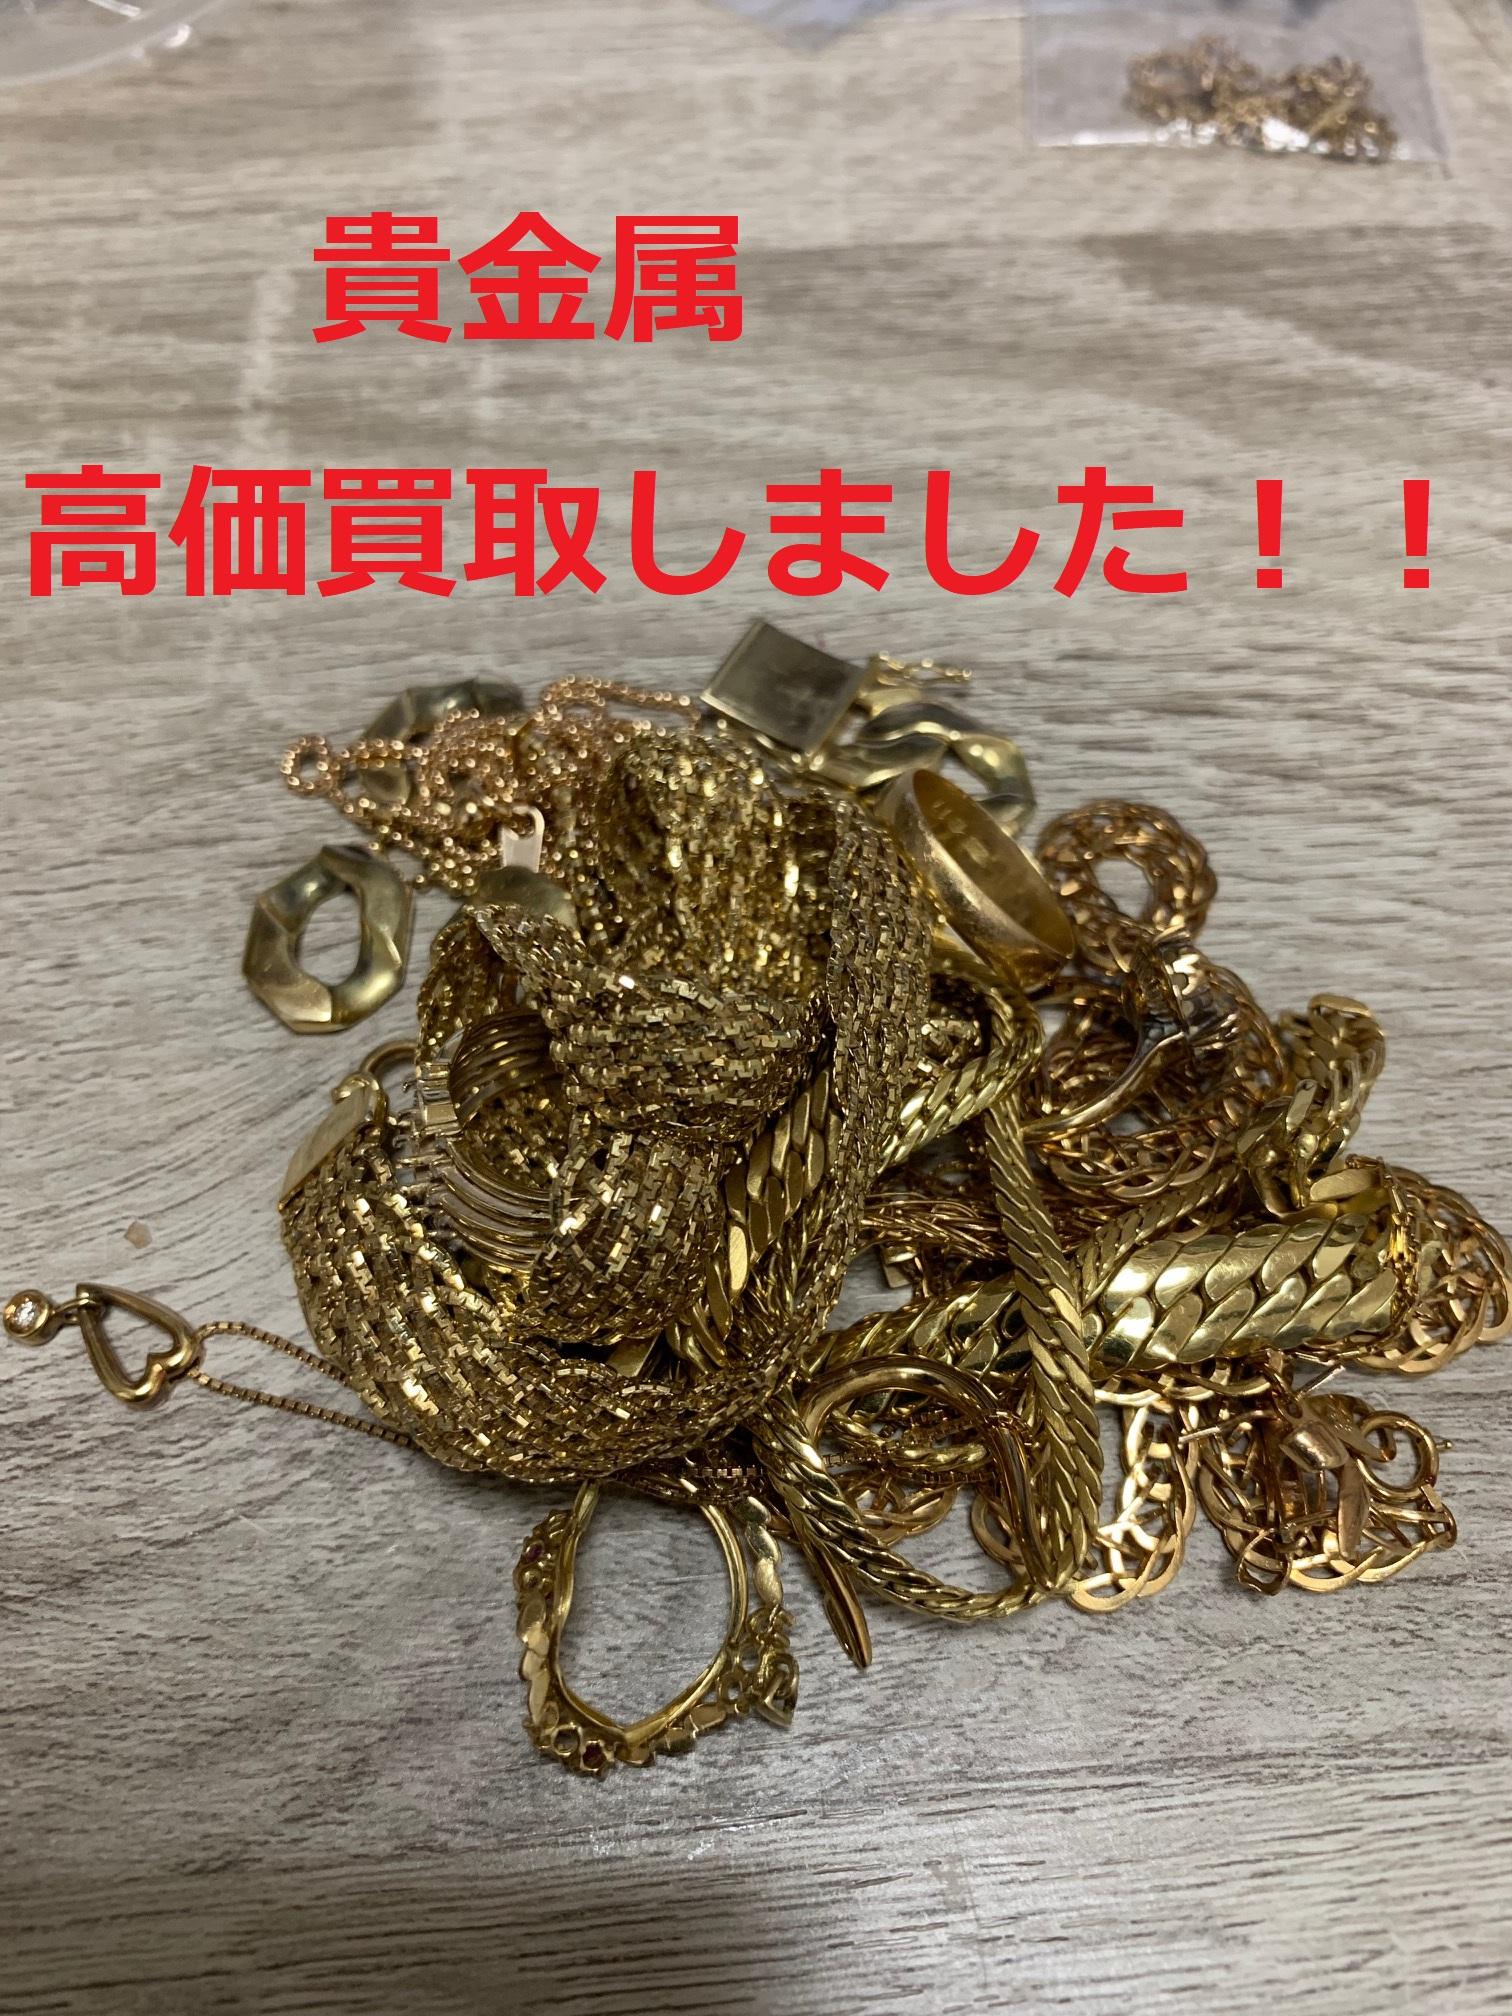 買取わかばイオン藤沢湘南ライフタウン店貴金属K18・プラチナ製・銀製高価買取させて頂きました!メッキ製品・海外製品なども大大大歓迎です!!